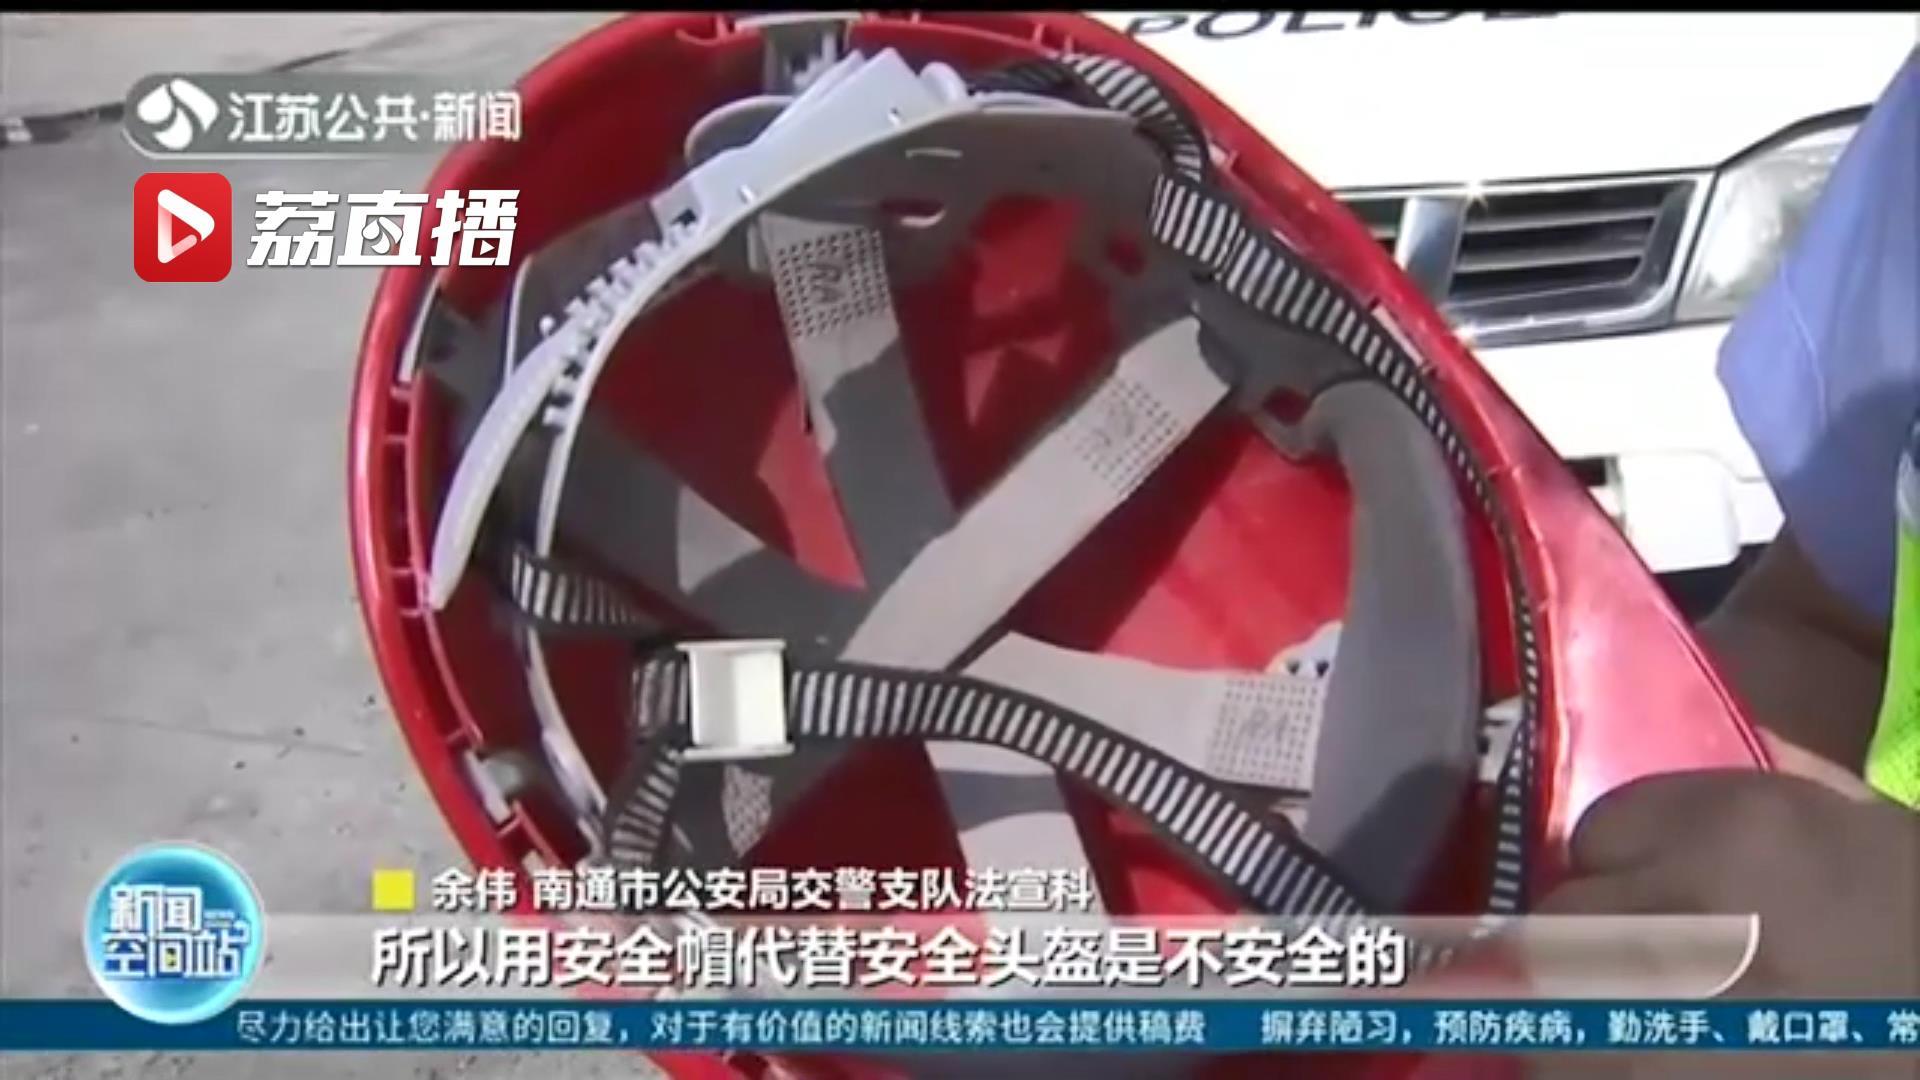 不可代替!安全帽当安全头盔使用,遭遇事故受重伤